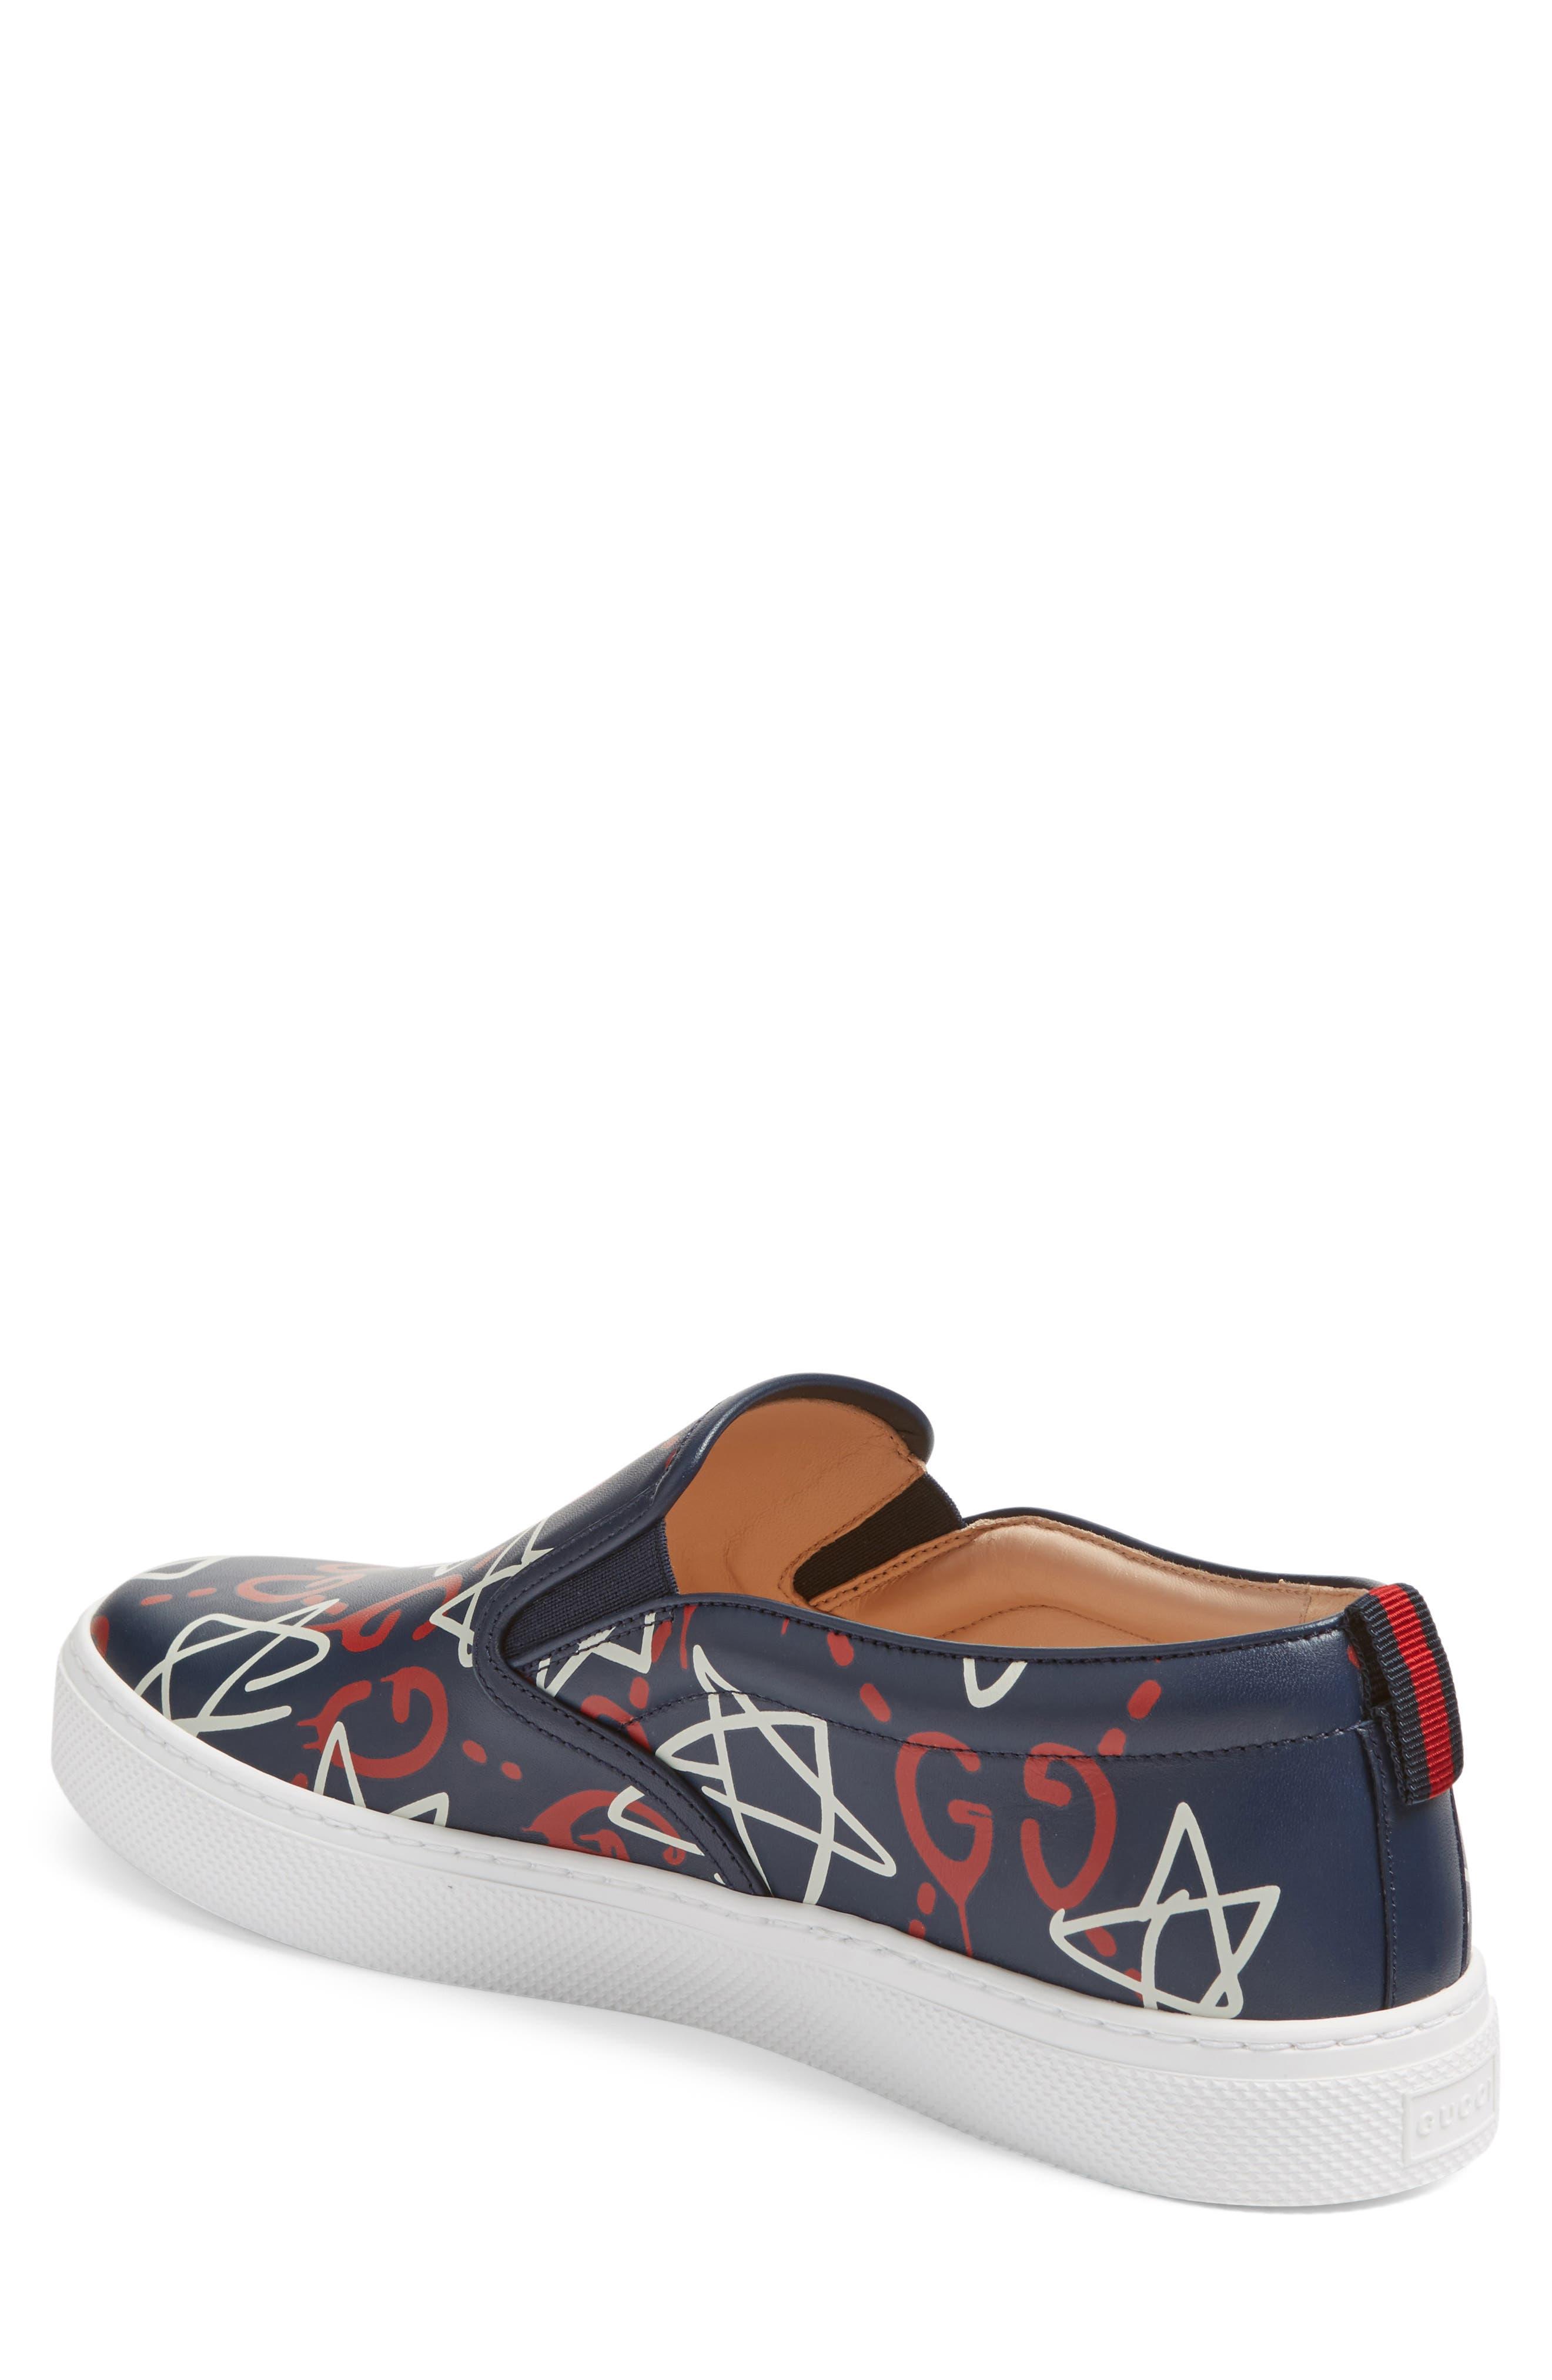 Dublin Slip-On Sneaker,                             Alternate thumbnail 46, color,